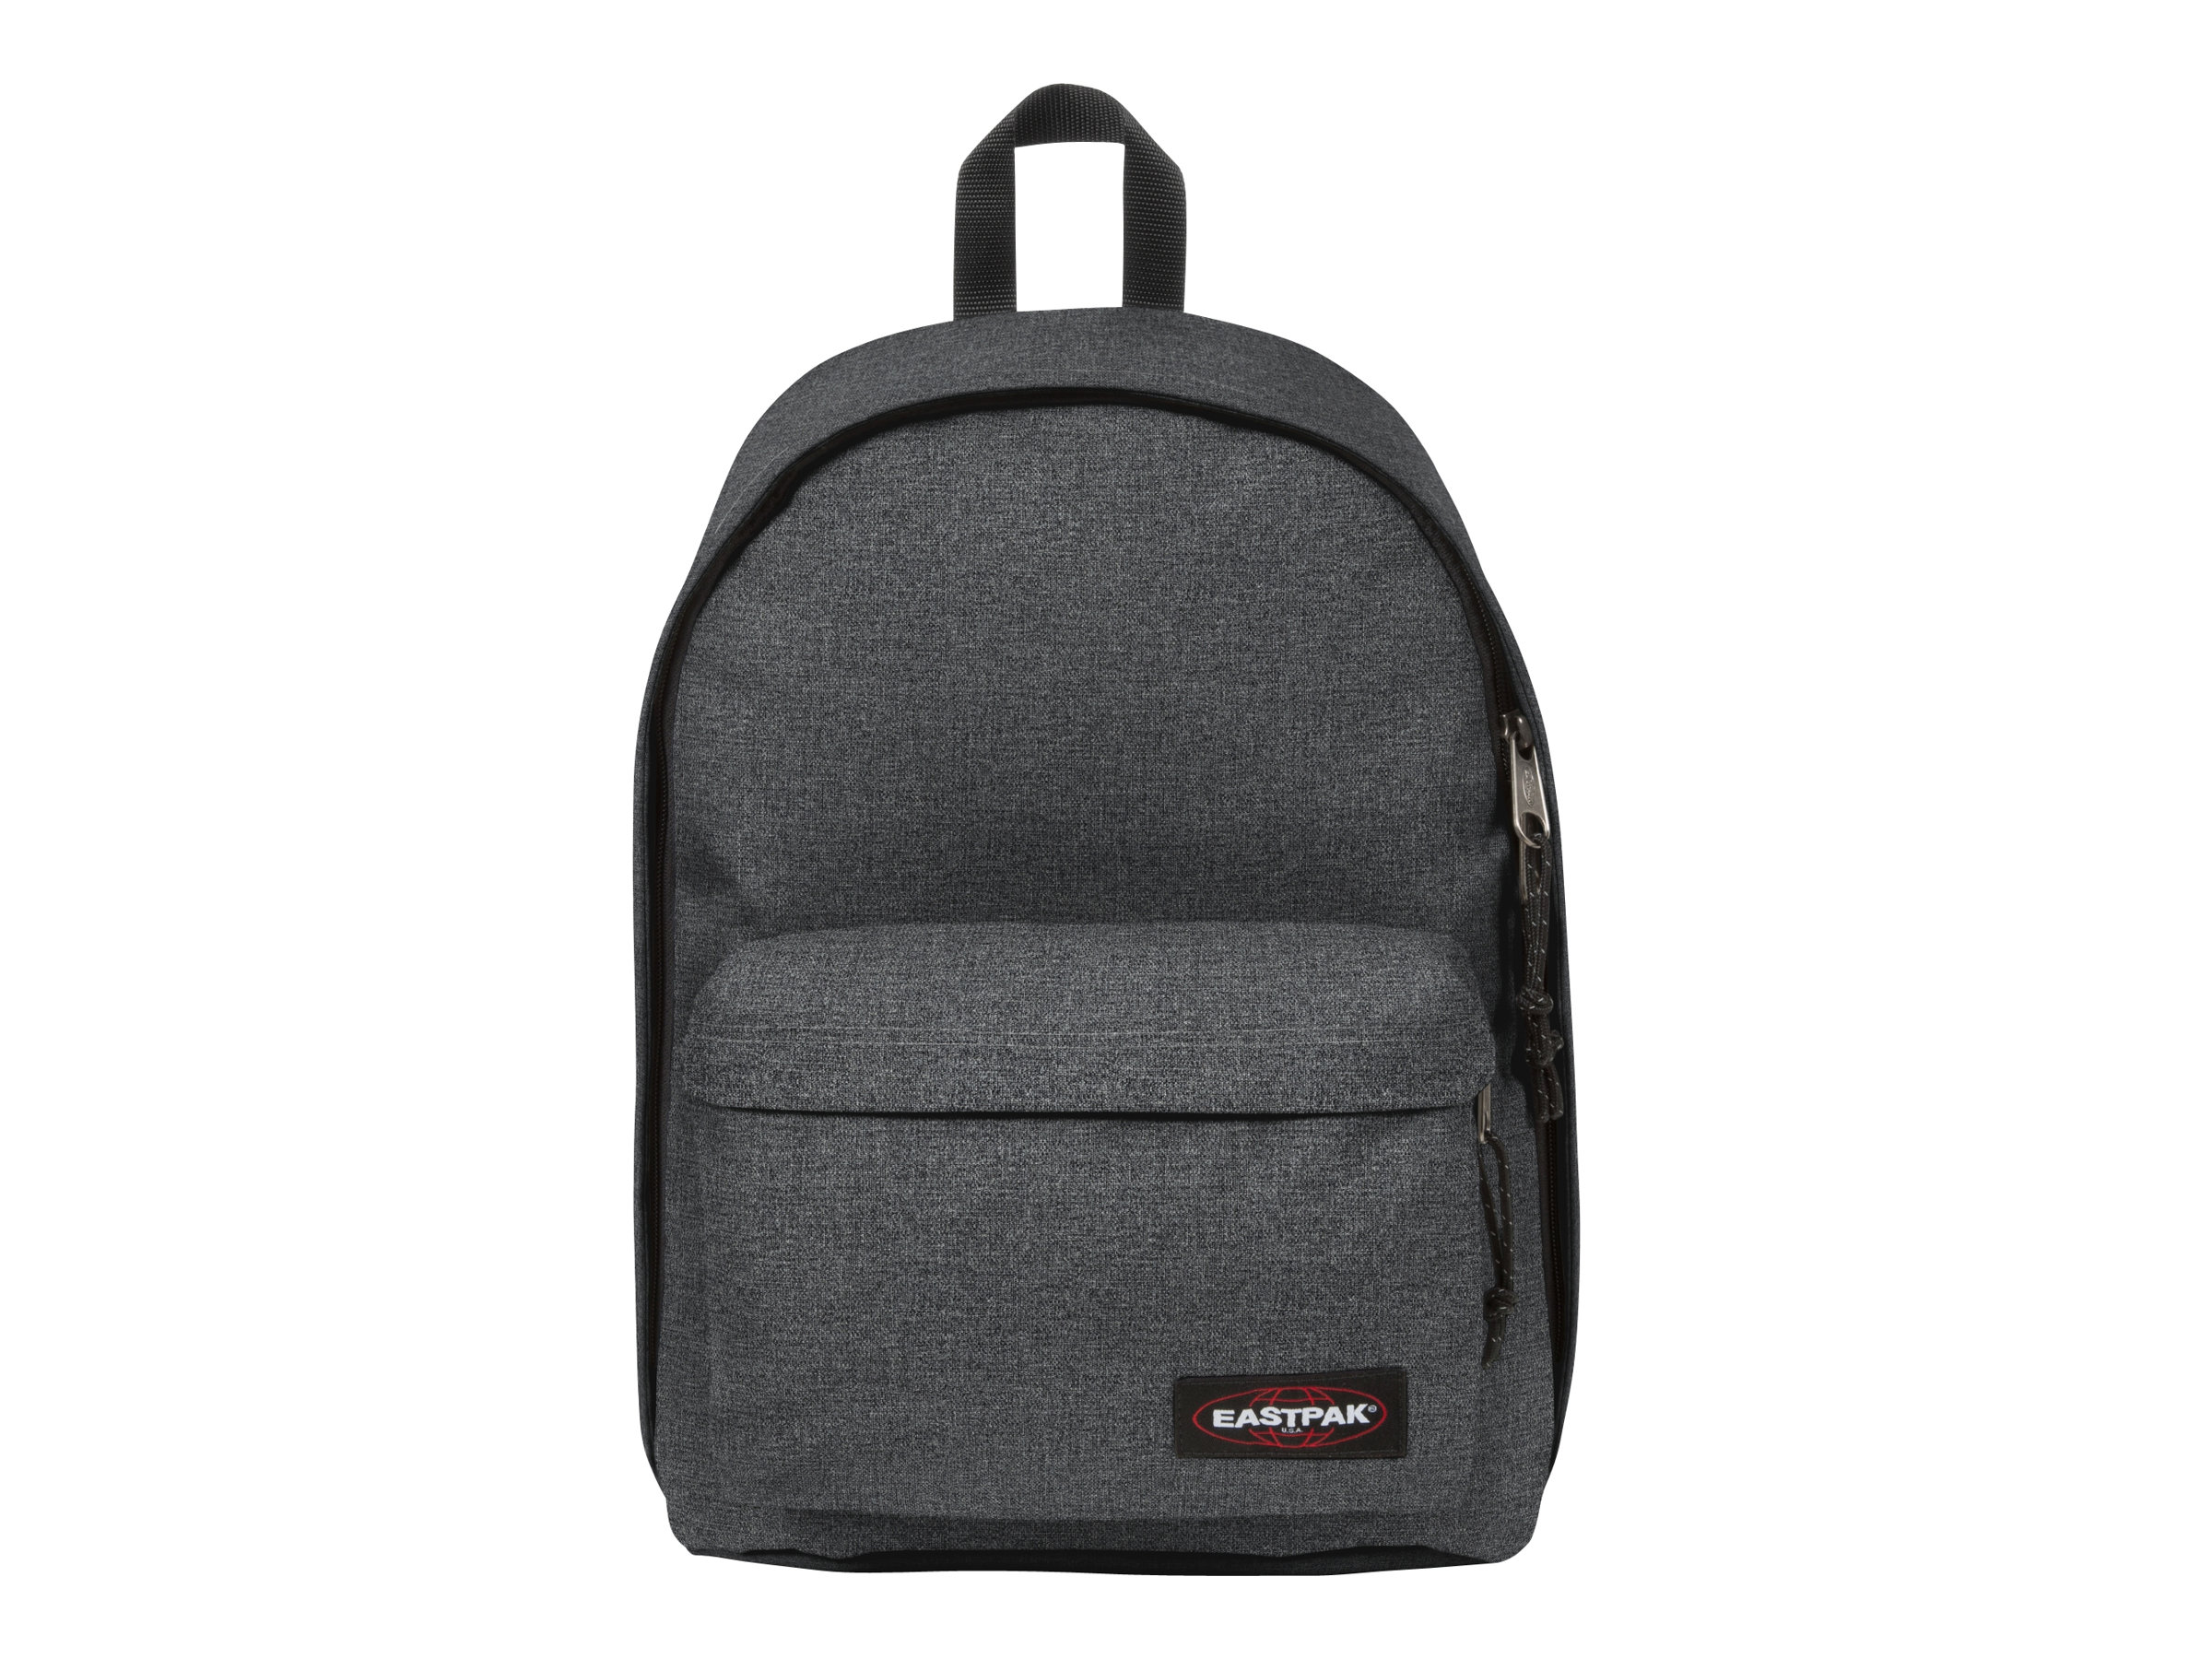 EASTPAK Out Of Office - Sac à dos black denim avec compartiment pour ordinateur portable